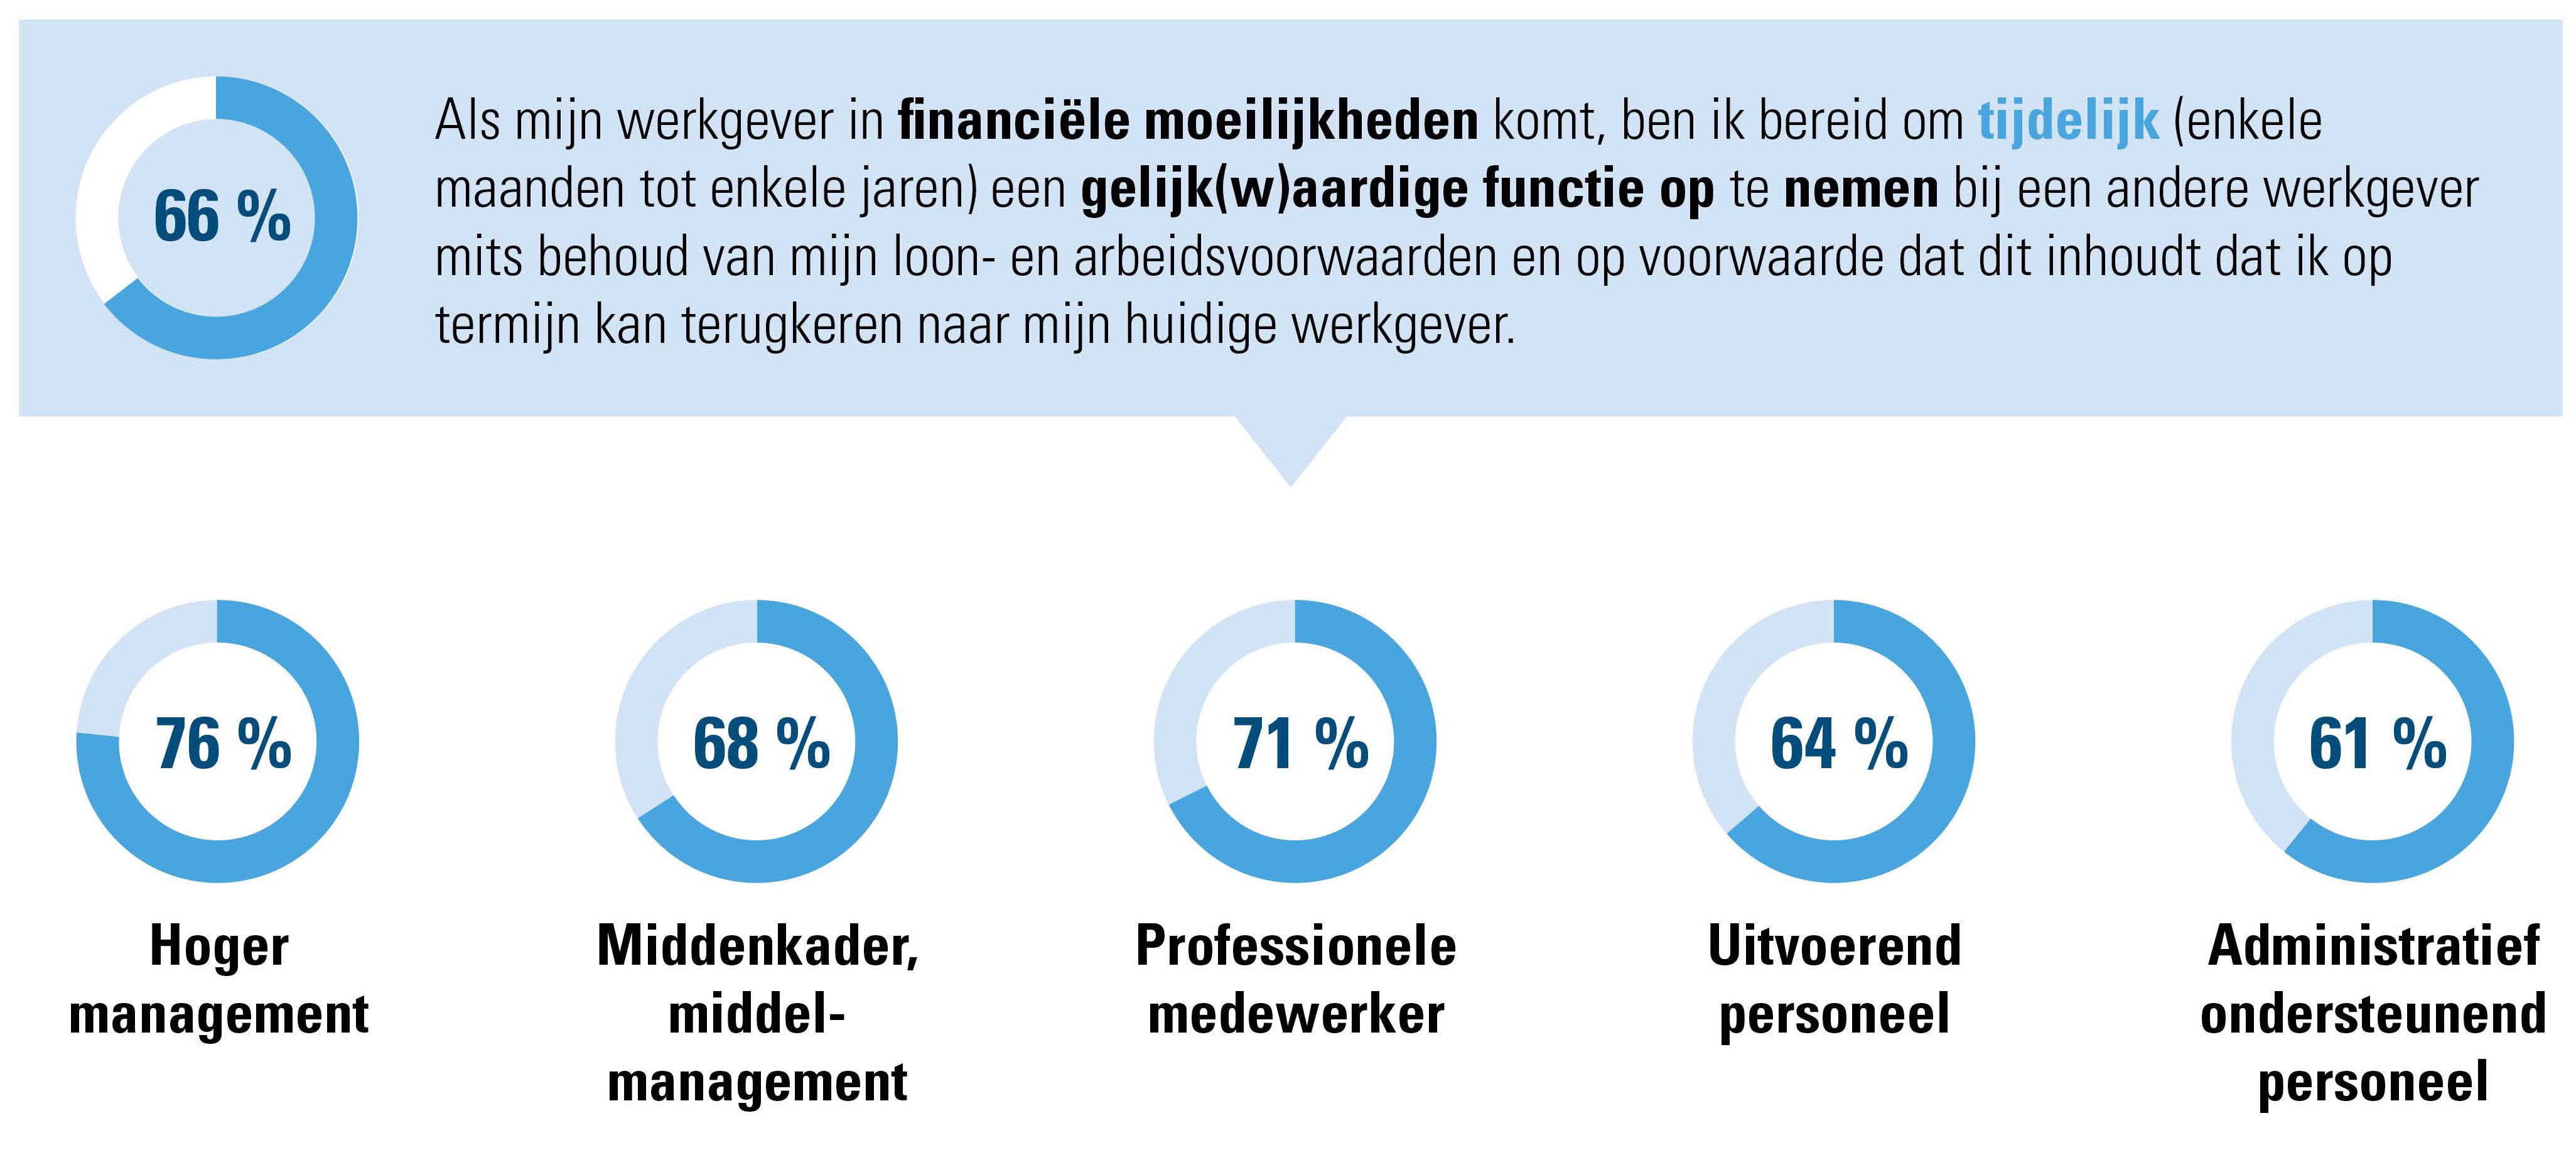 Bereidheid om desnoods tijdelijk bij een andere werkgever te werken, volgens niveaus